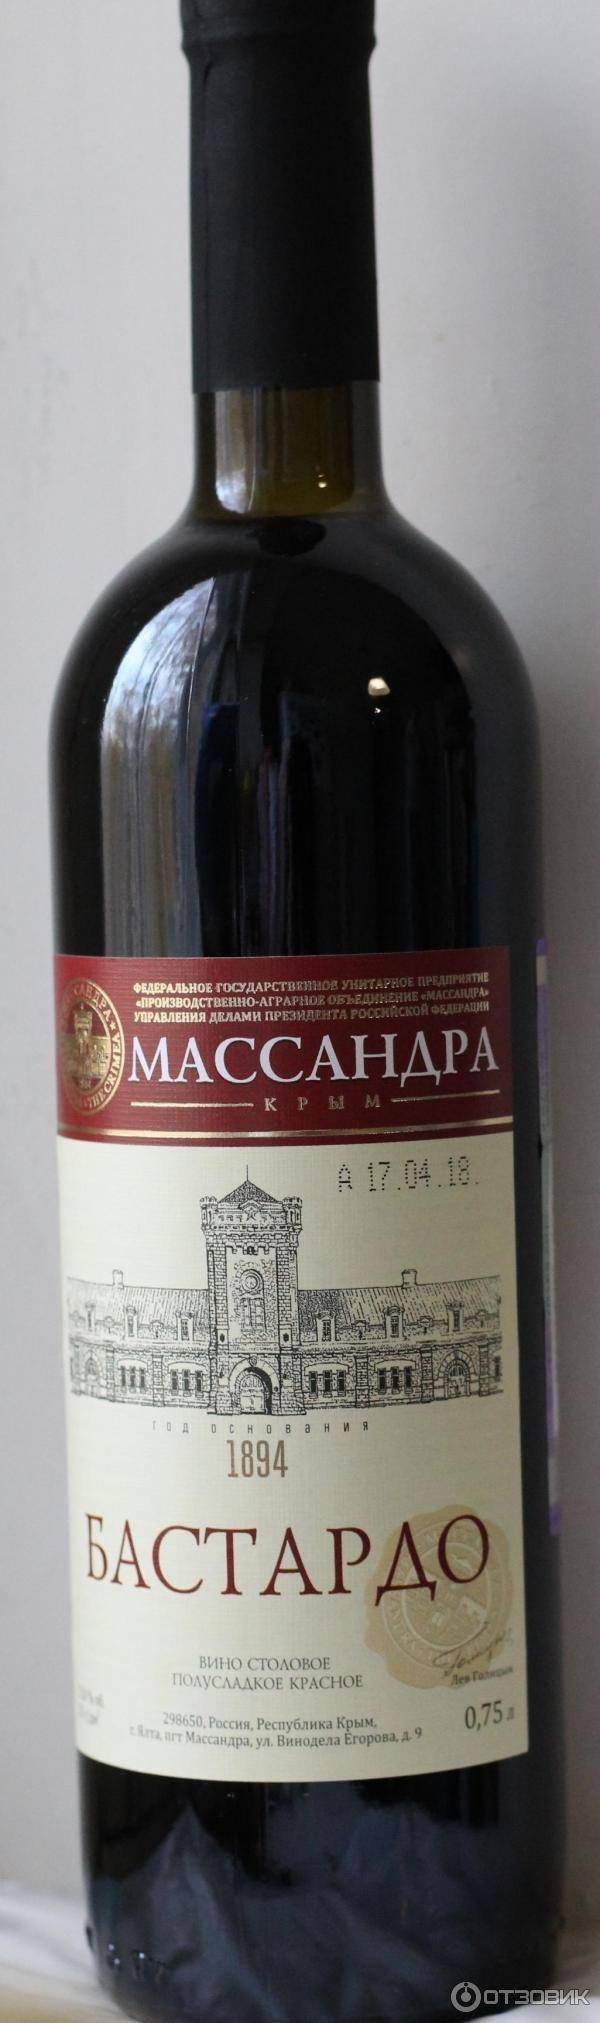 Вино бастардо: обзор и популярные марки